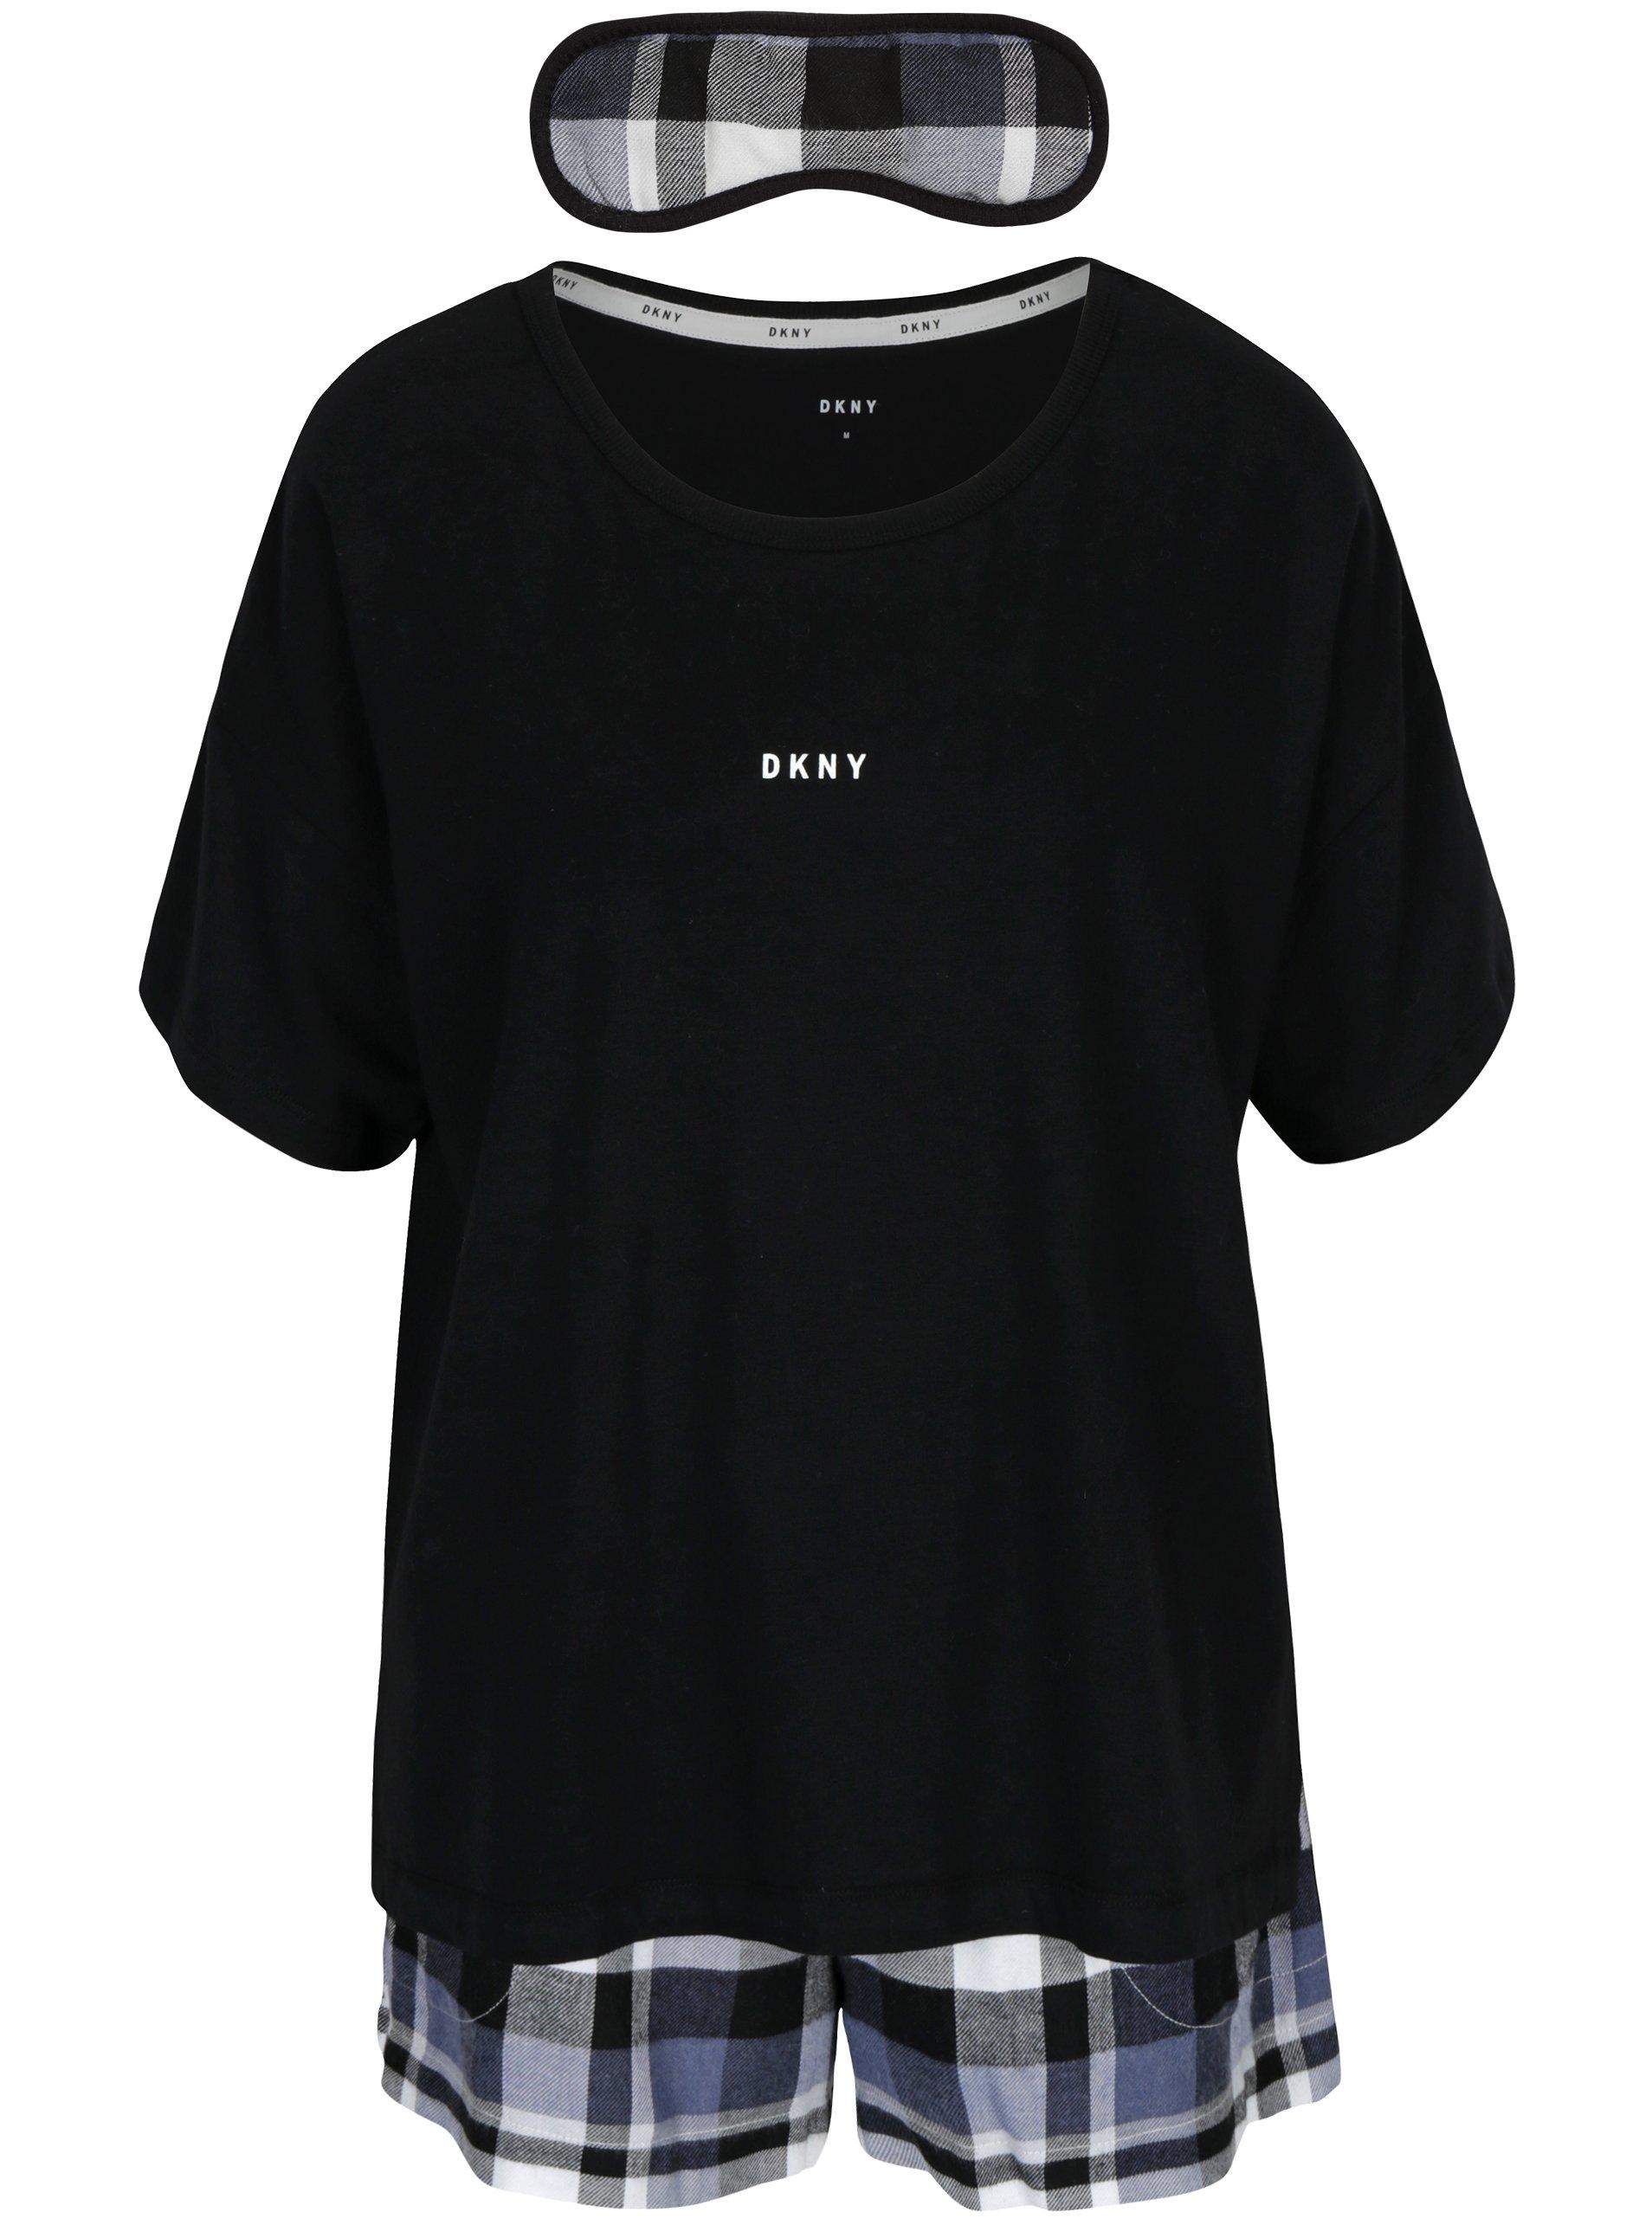 černý dárkový set pyžama a masky na spaní DKNY